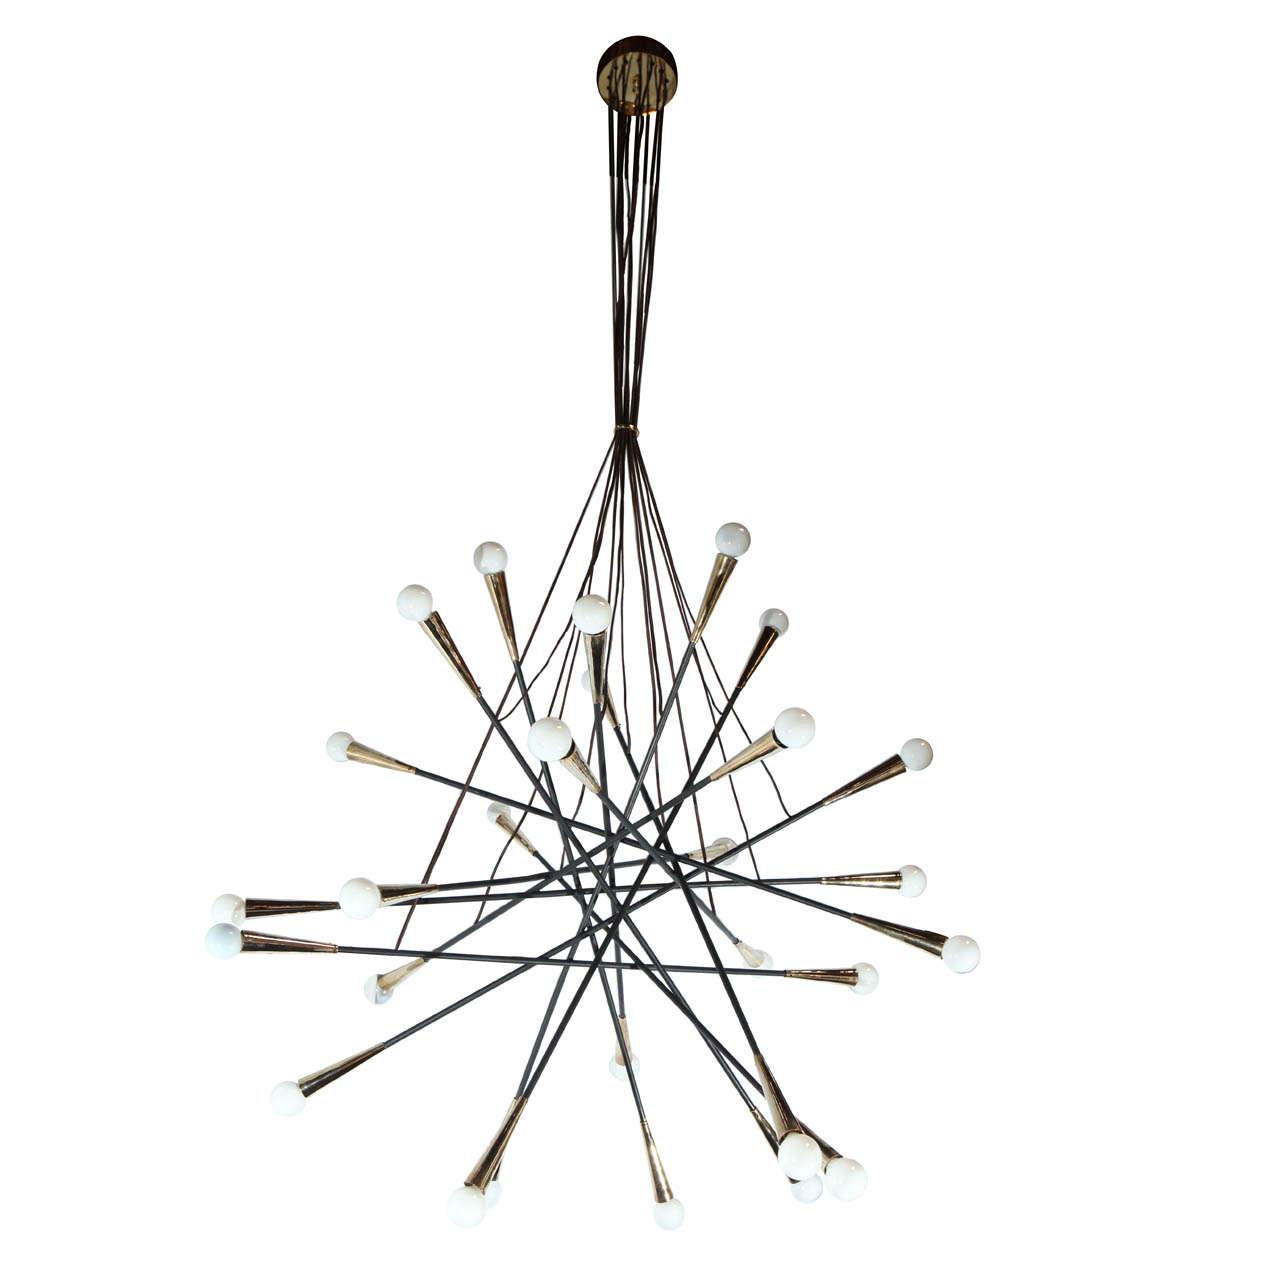 Grand sputnik chandelier for sale at 1stdibs for Sputnik chandelier